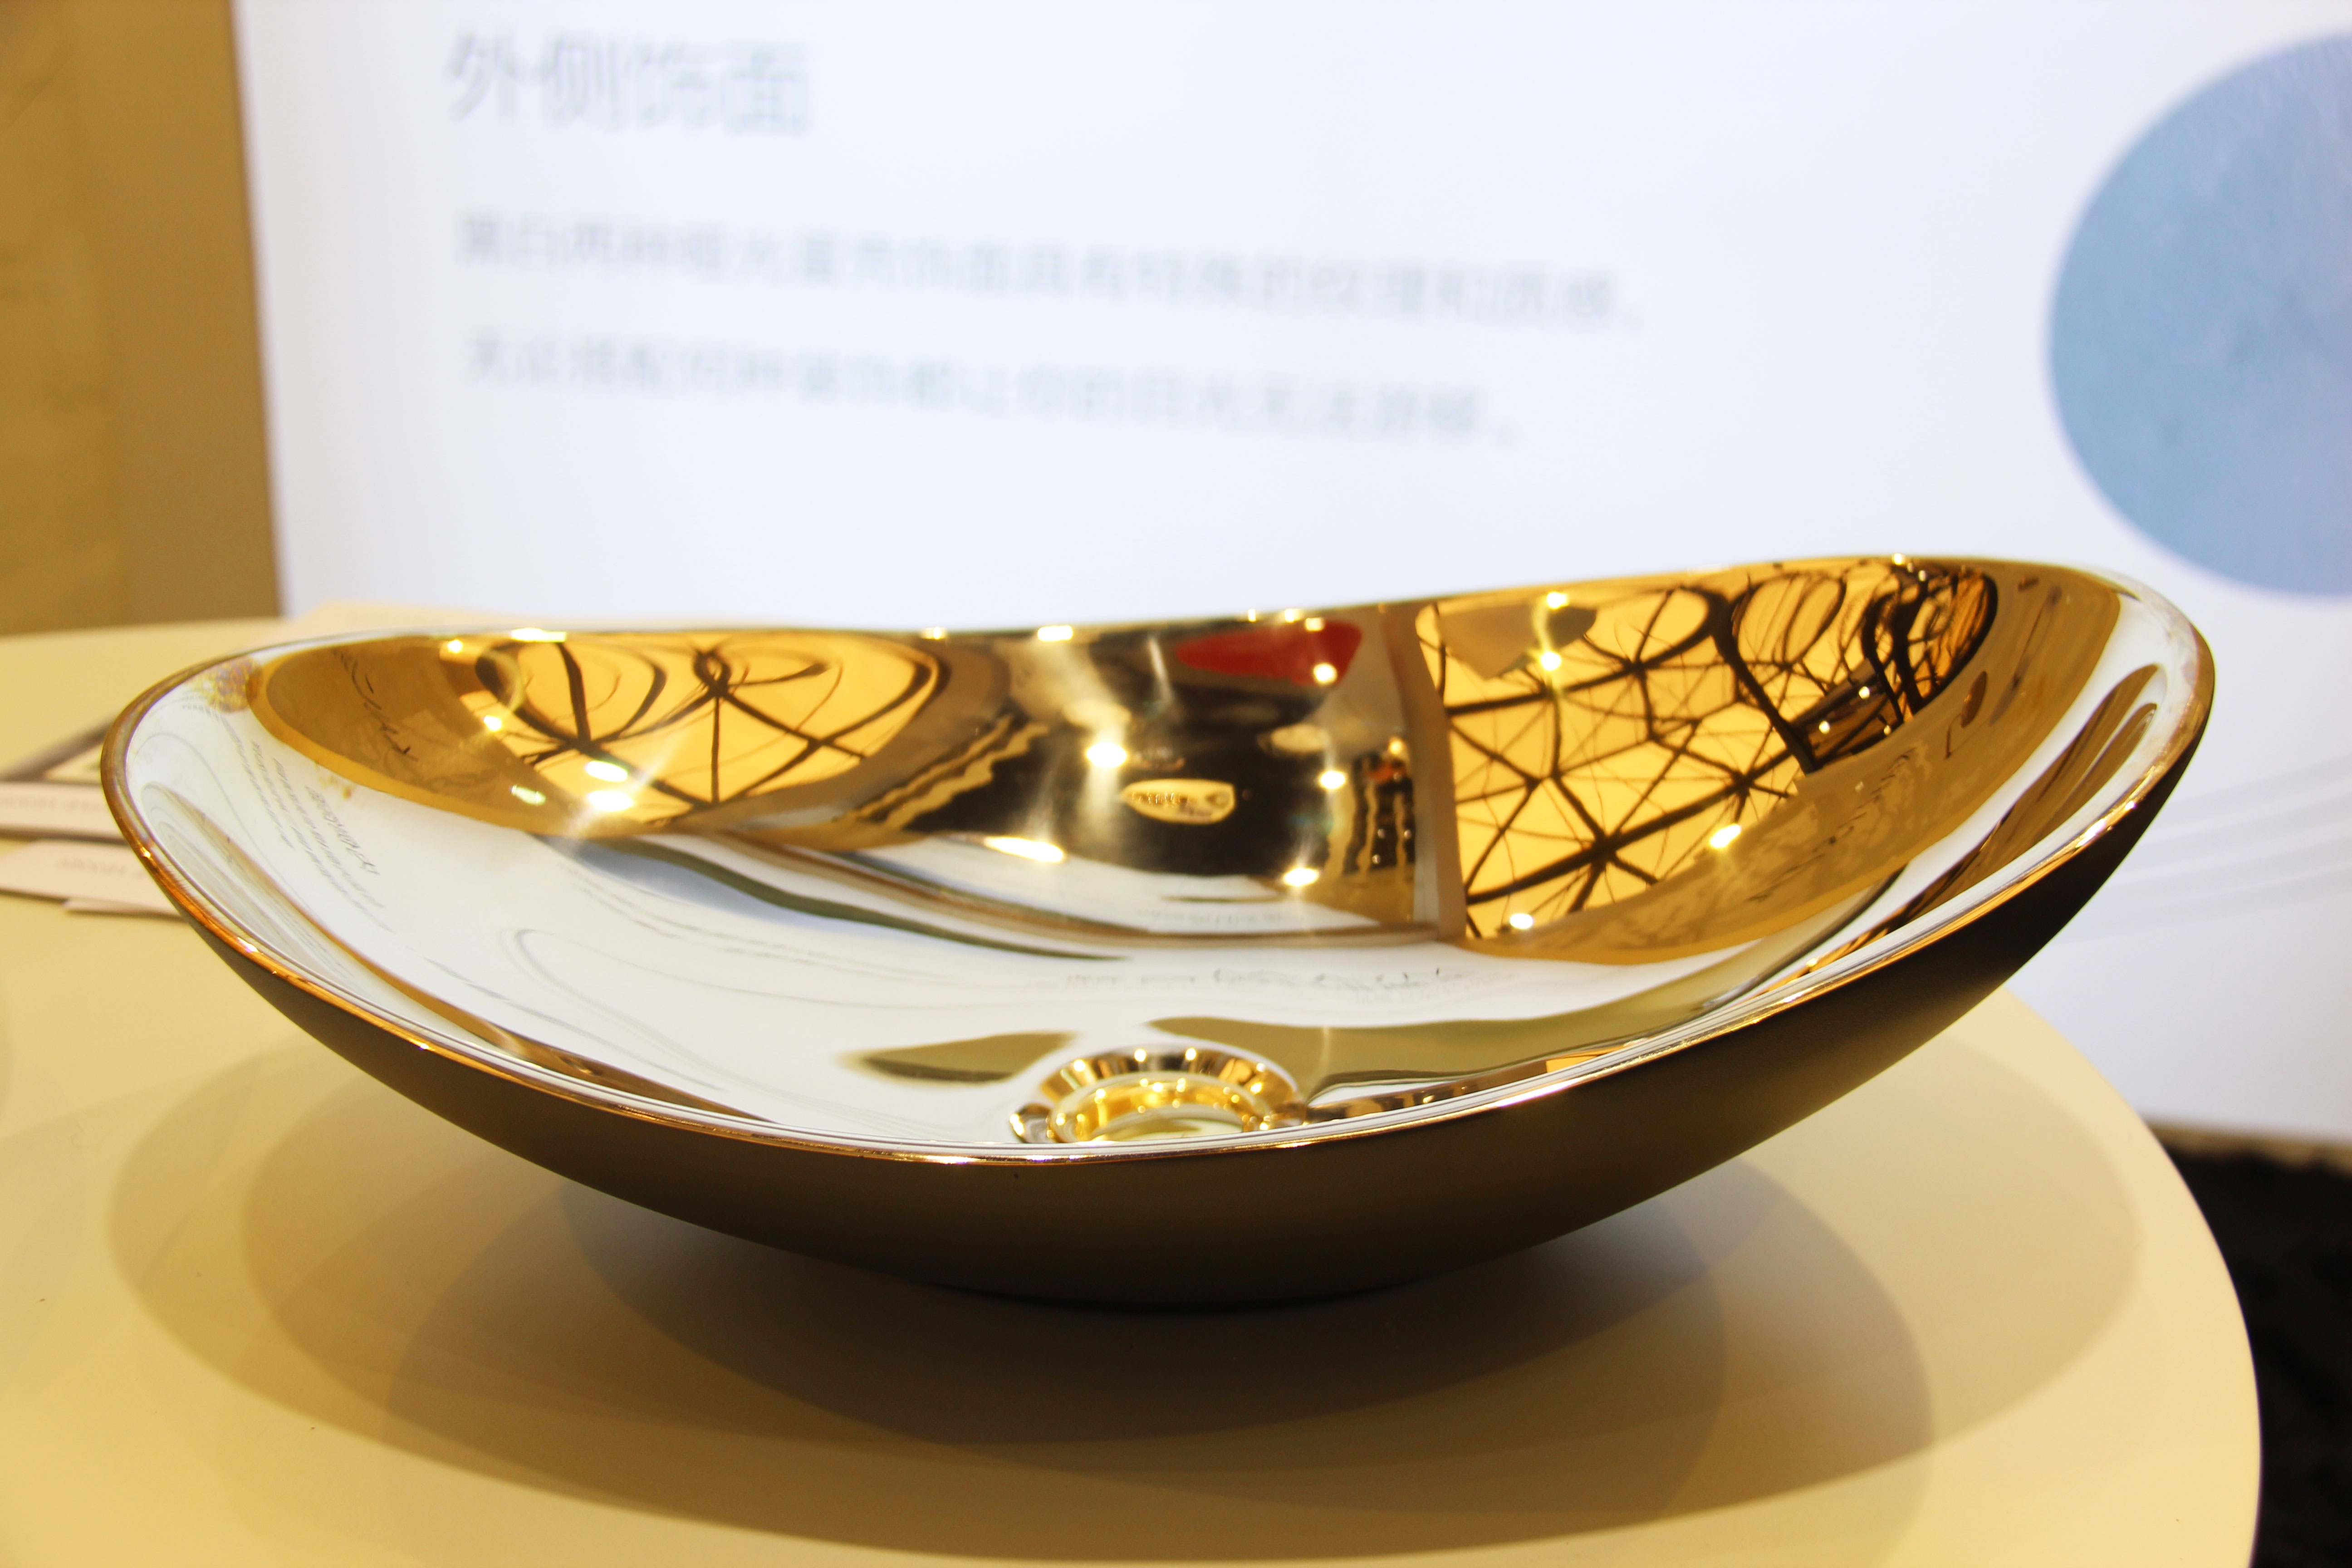 科勒旗下奢侈品牌KALLISTA,带来青铜铸造的MYAM全新时尚台盆,线条搭配简约却不乏设计感。台盆内侧采用光滑的缎面青铜,外侧的哑光蛋壳饰面具有特殊纹理和质感,彰显典雅奢华质感。